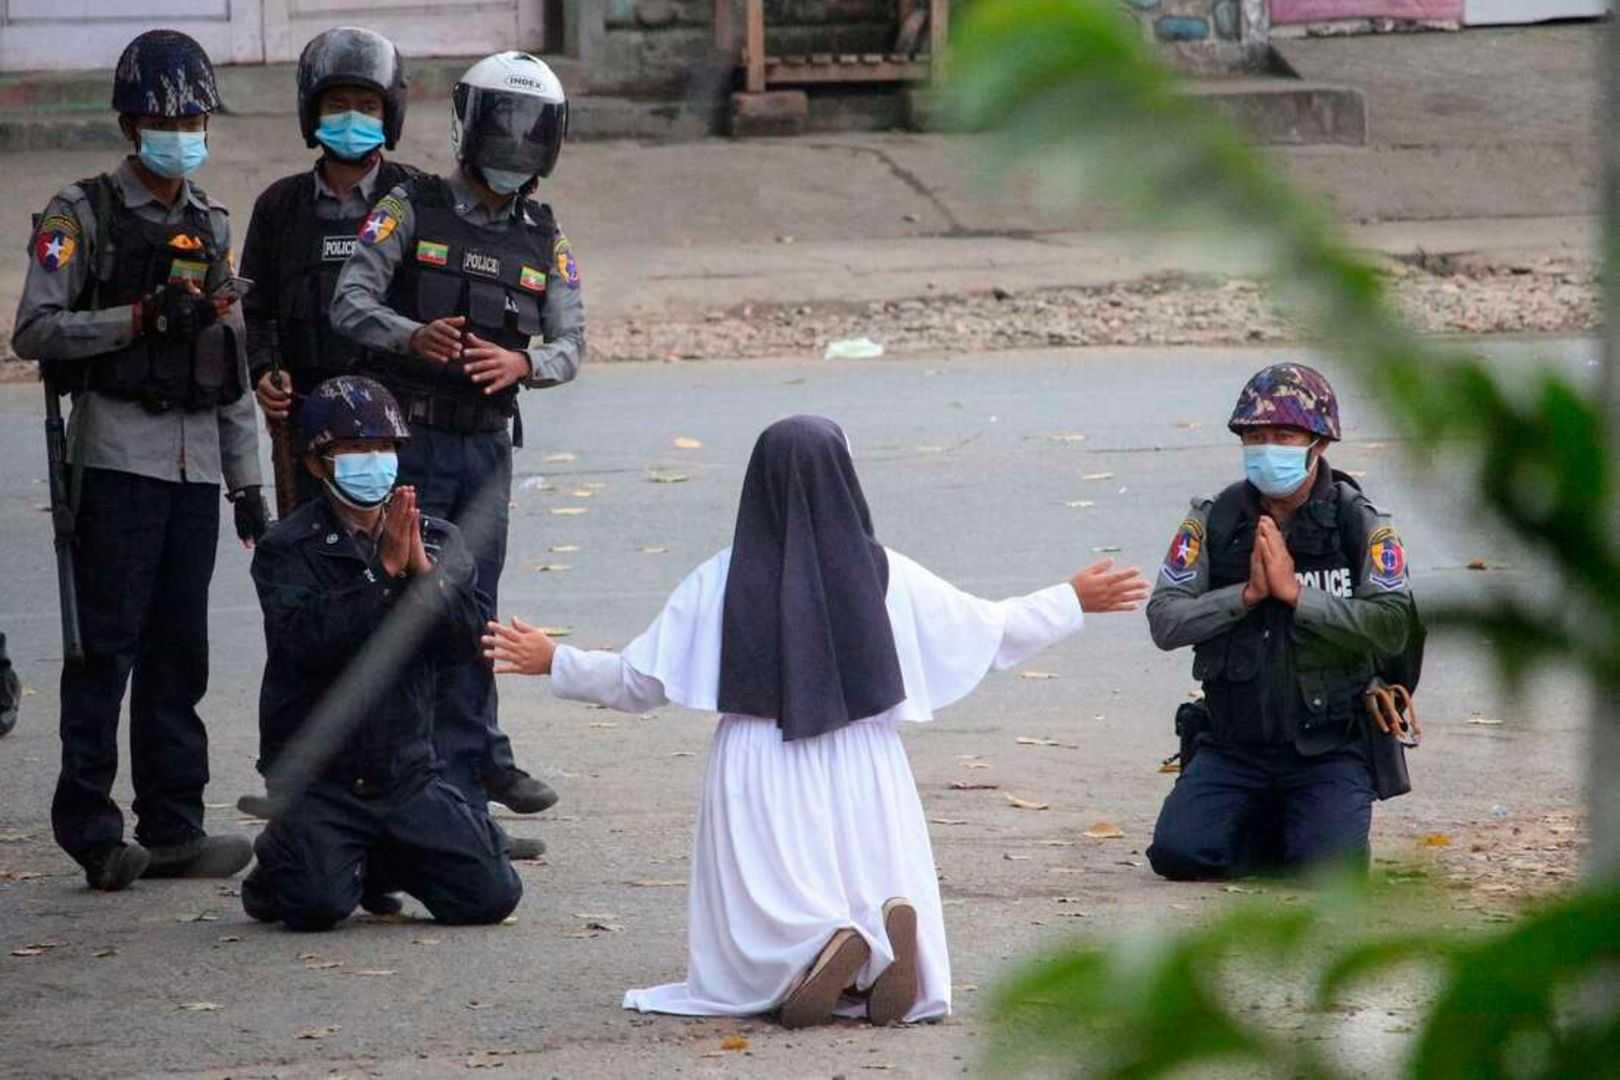 """""""Zabijcie mnie zamiast dzieci"""". Akt heroizmu zakonnicy w Birmie na poruszającej fotografii"""